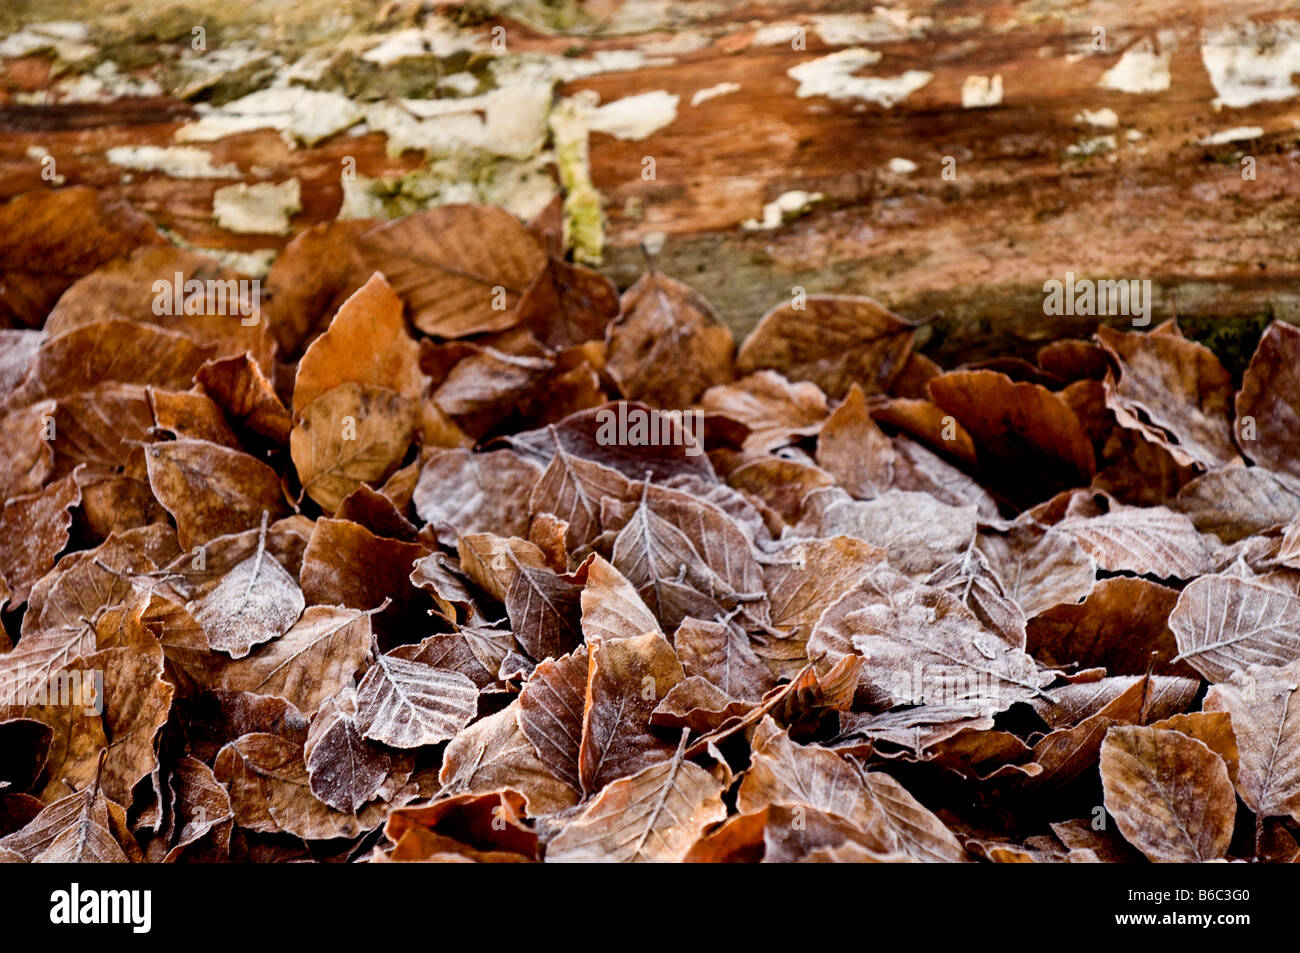 Les feuilles des arbres Hêtre cuivre sur le terrain en Thorndon Park dans l'Essex. Banque D'Images